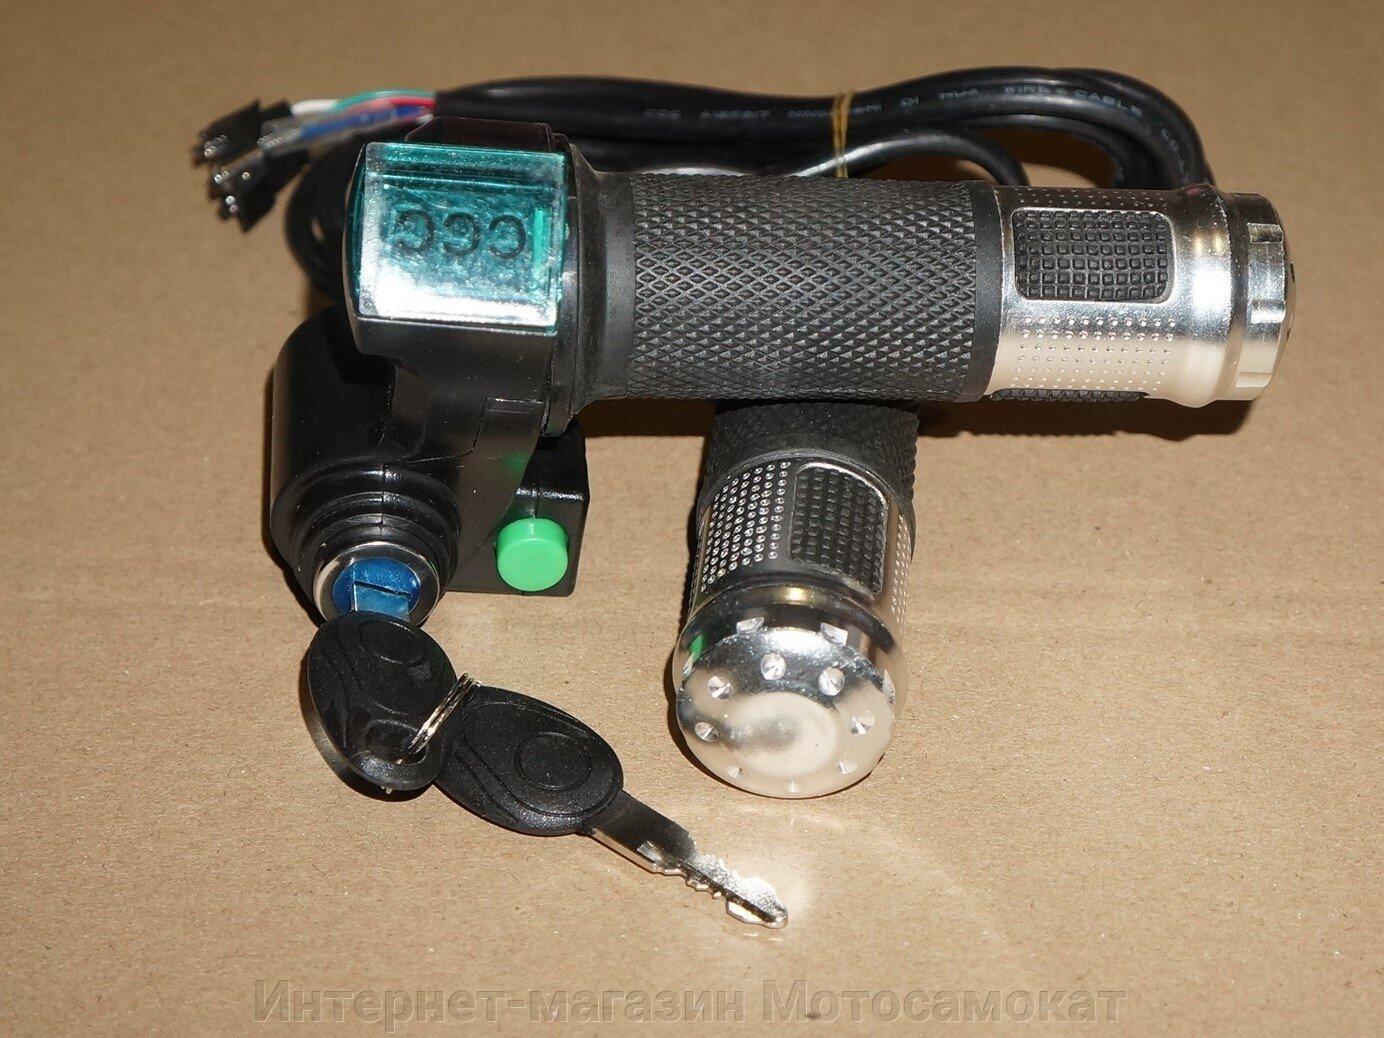 Рукоятка управления мощностью с вольтметром, ключем зажигания и кнопкой. - фото Рукоятка управления мощностью с вольтметром, ключем зажигания и кнопкой.